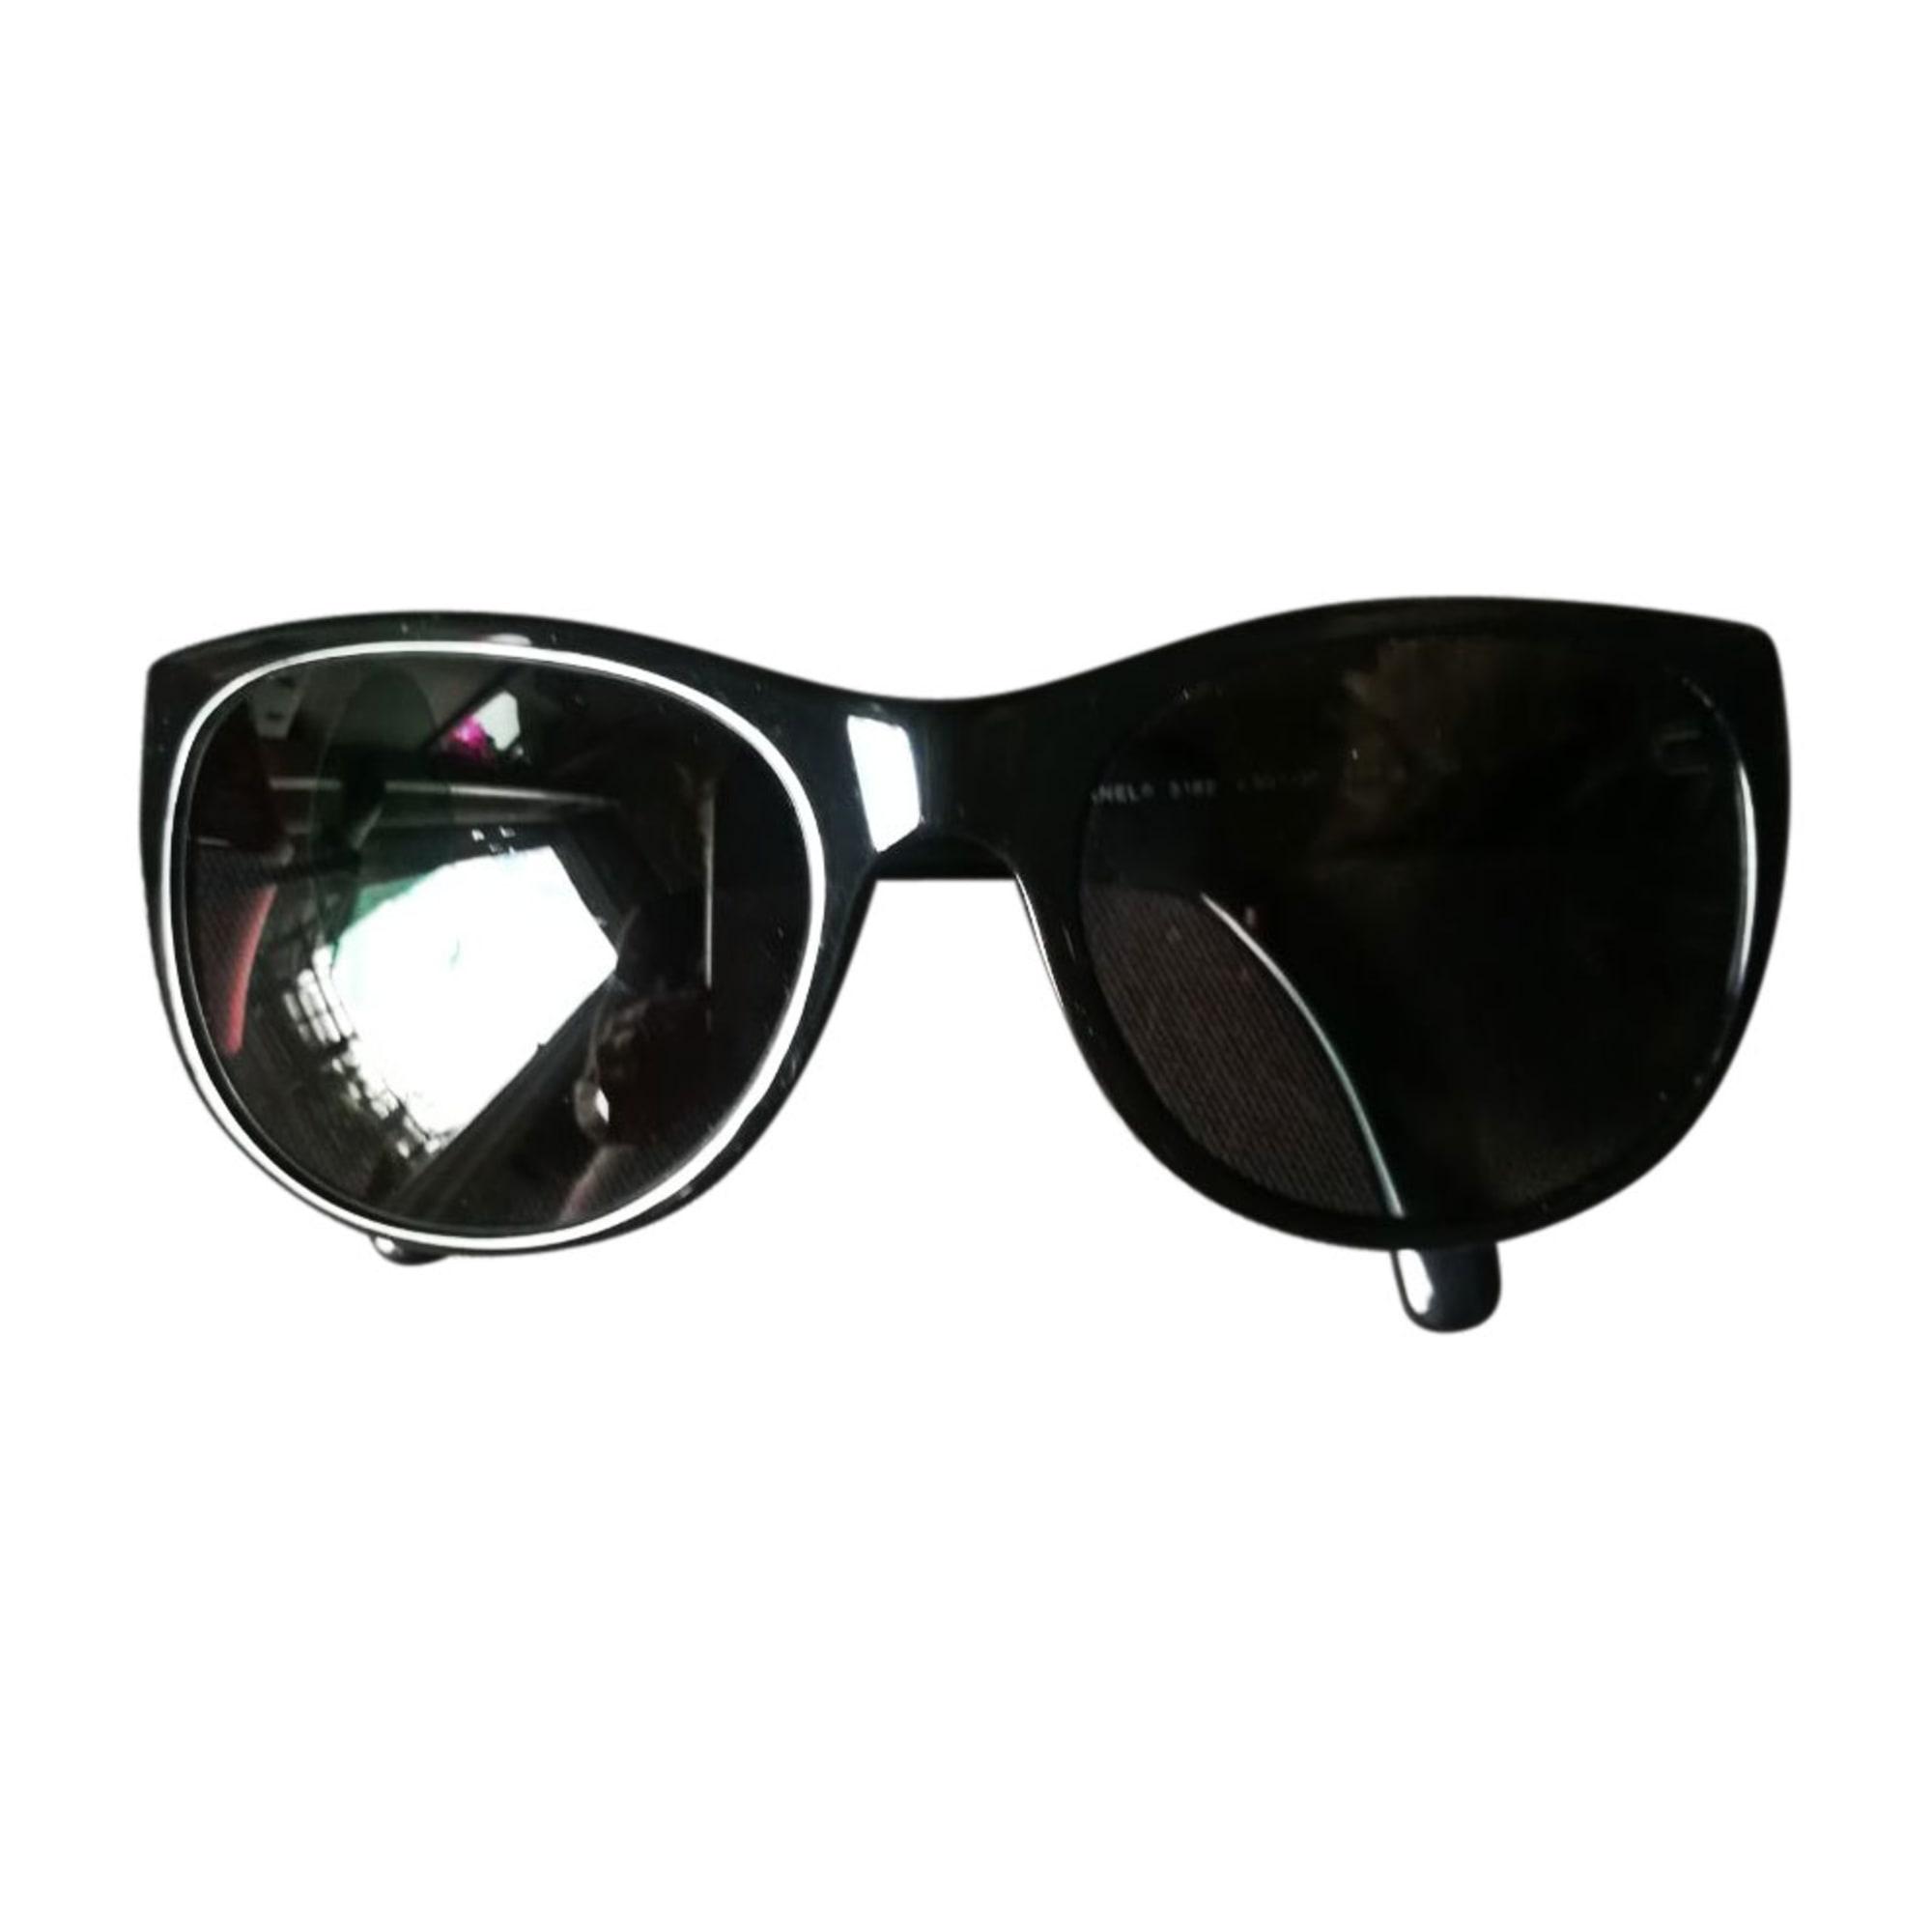 Lunettes de soleil CHANEL noir vendu par Scybil53539 - 8139688 1a70d915e53d